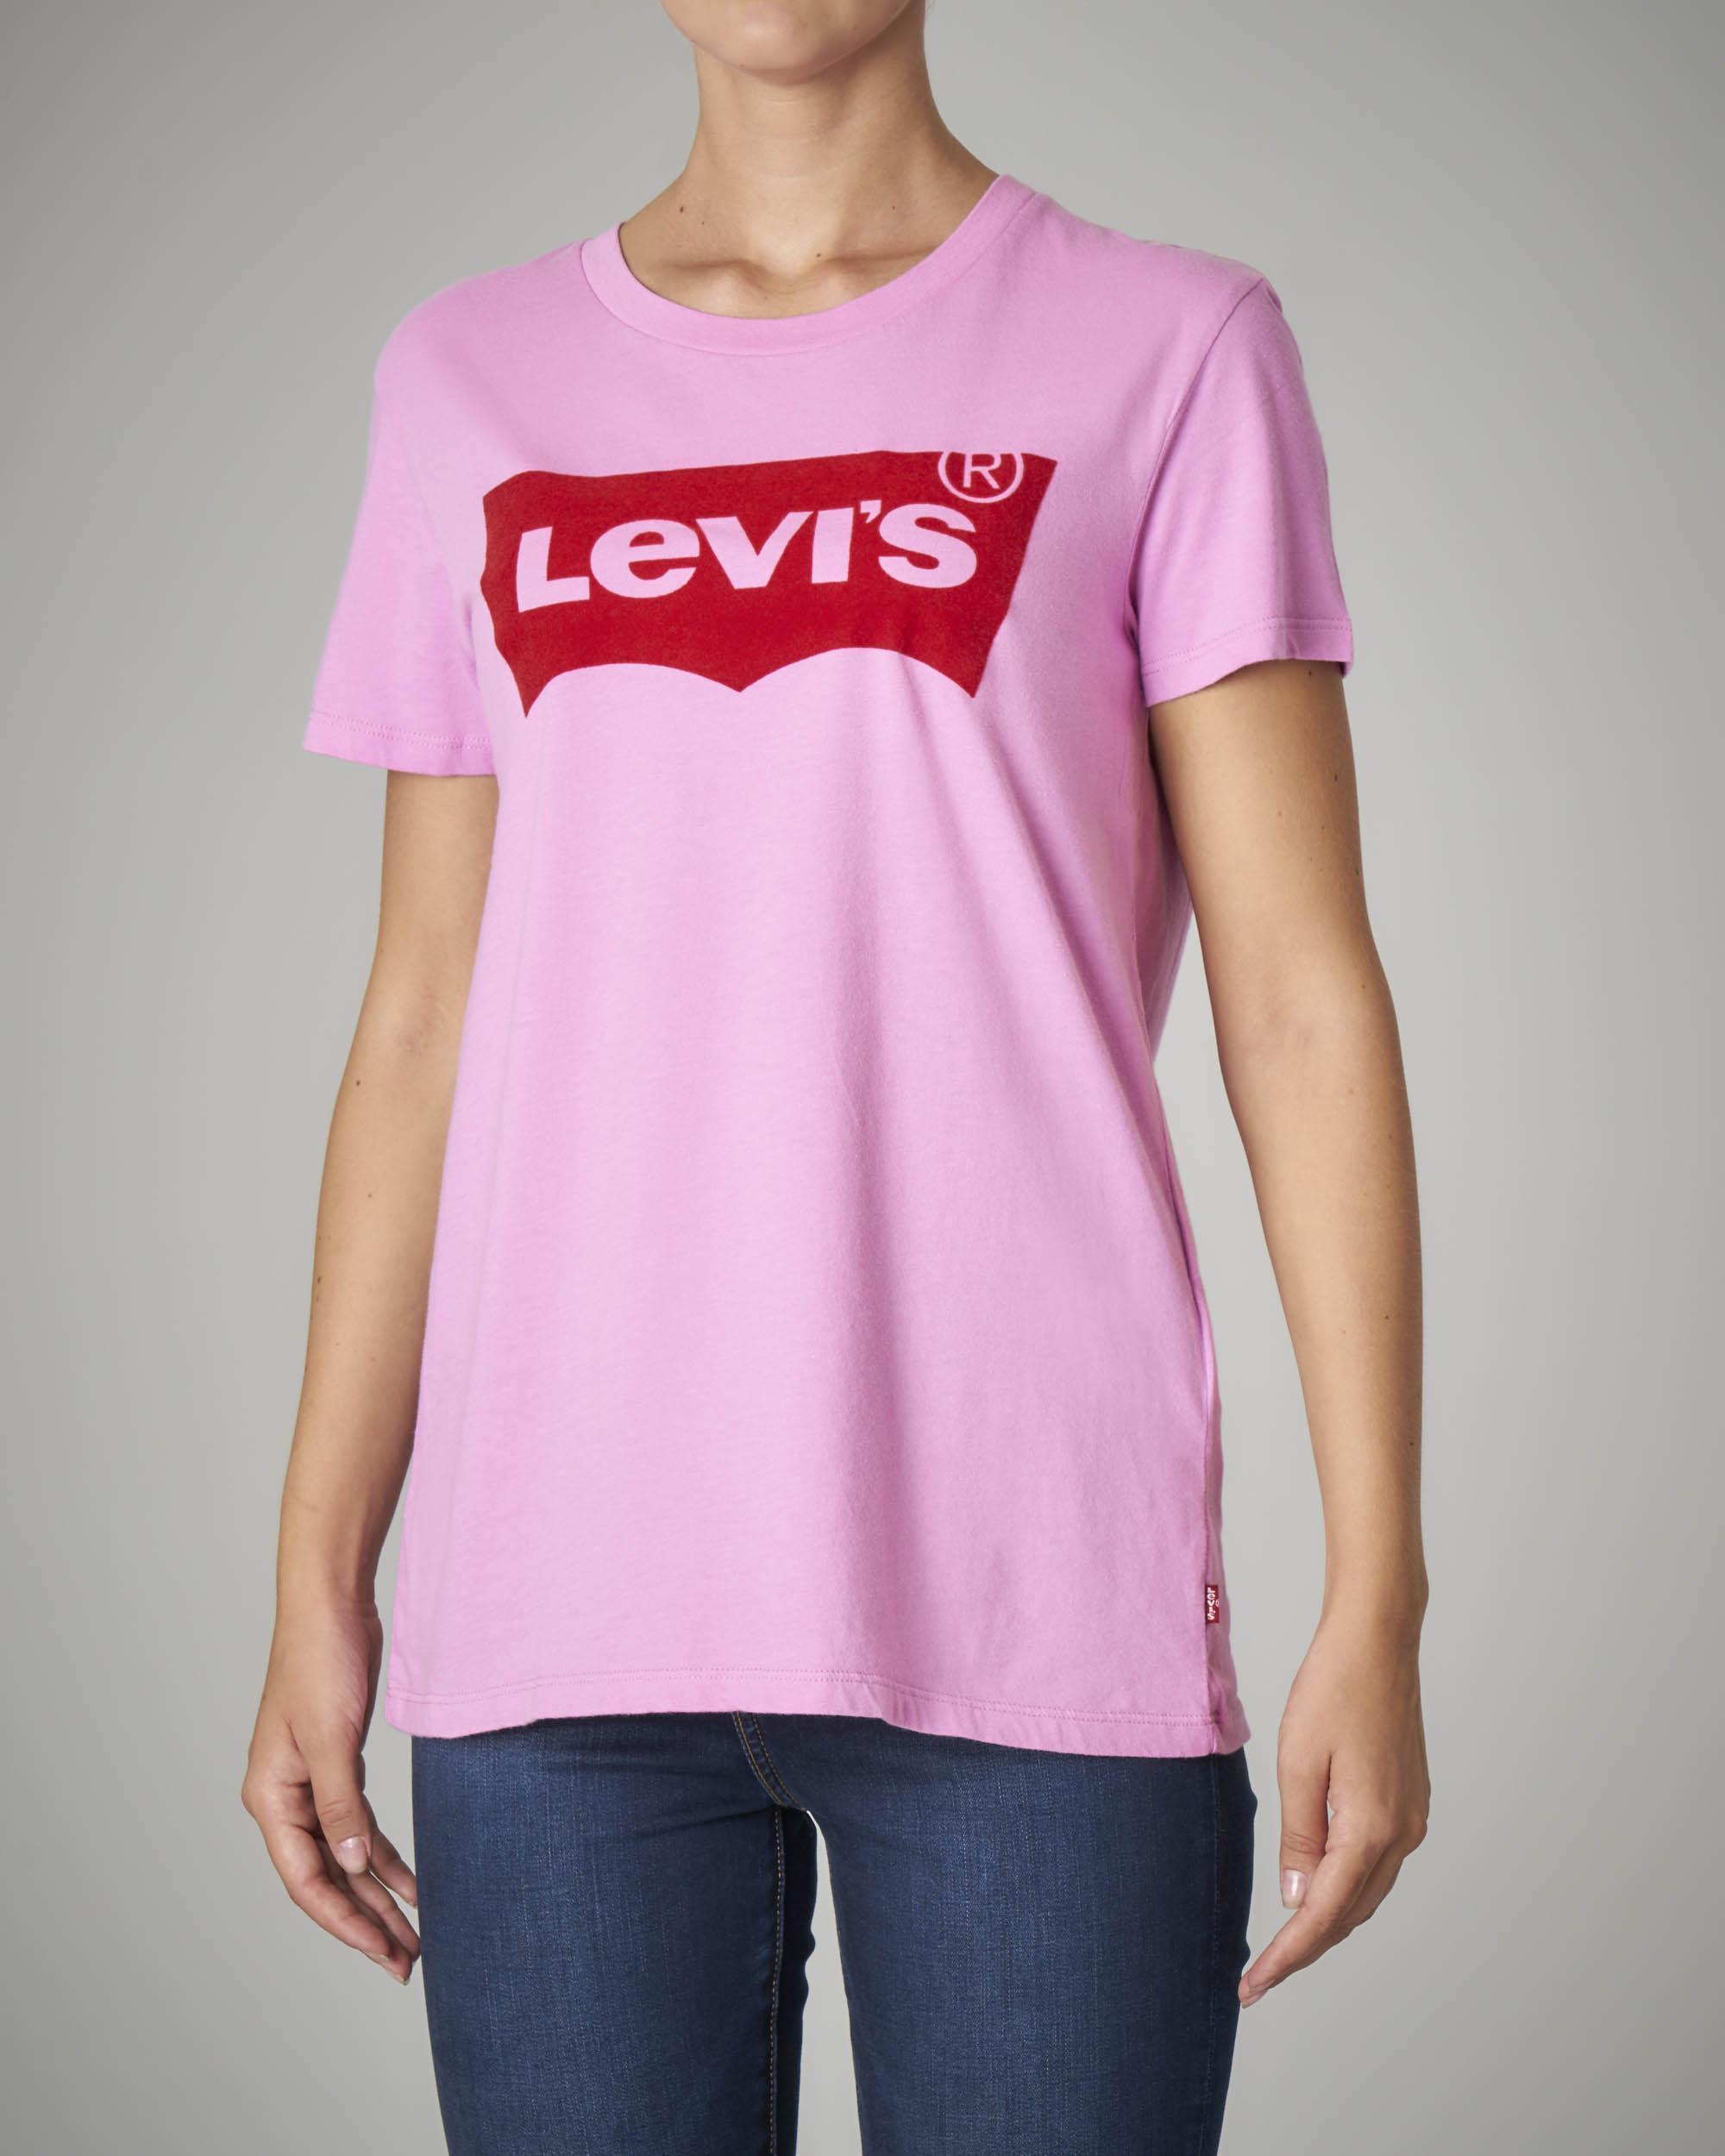 T-shirt girocollo in cotone rosa con logo